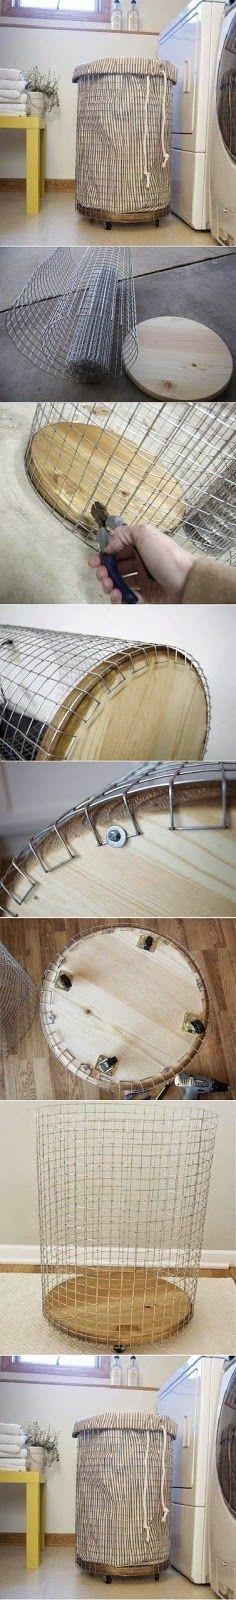 Miroir Bois Flotte Casa : DIY Laundry Basket